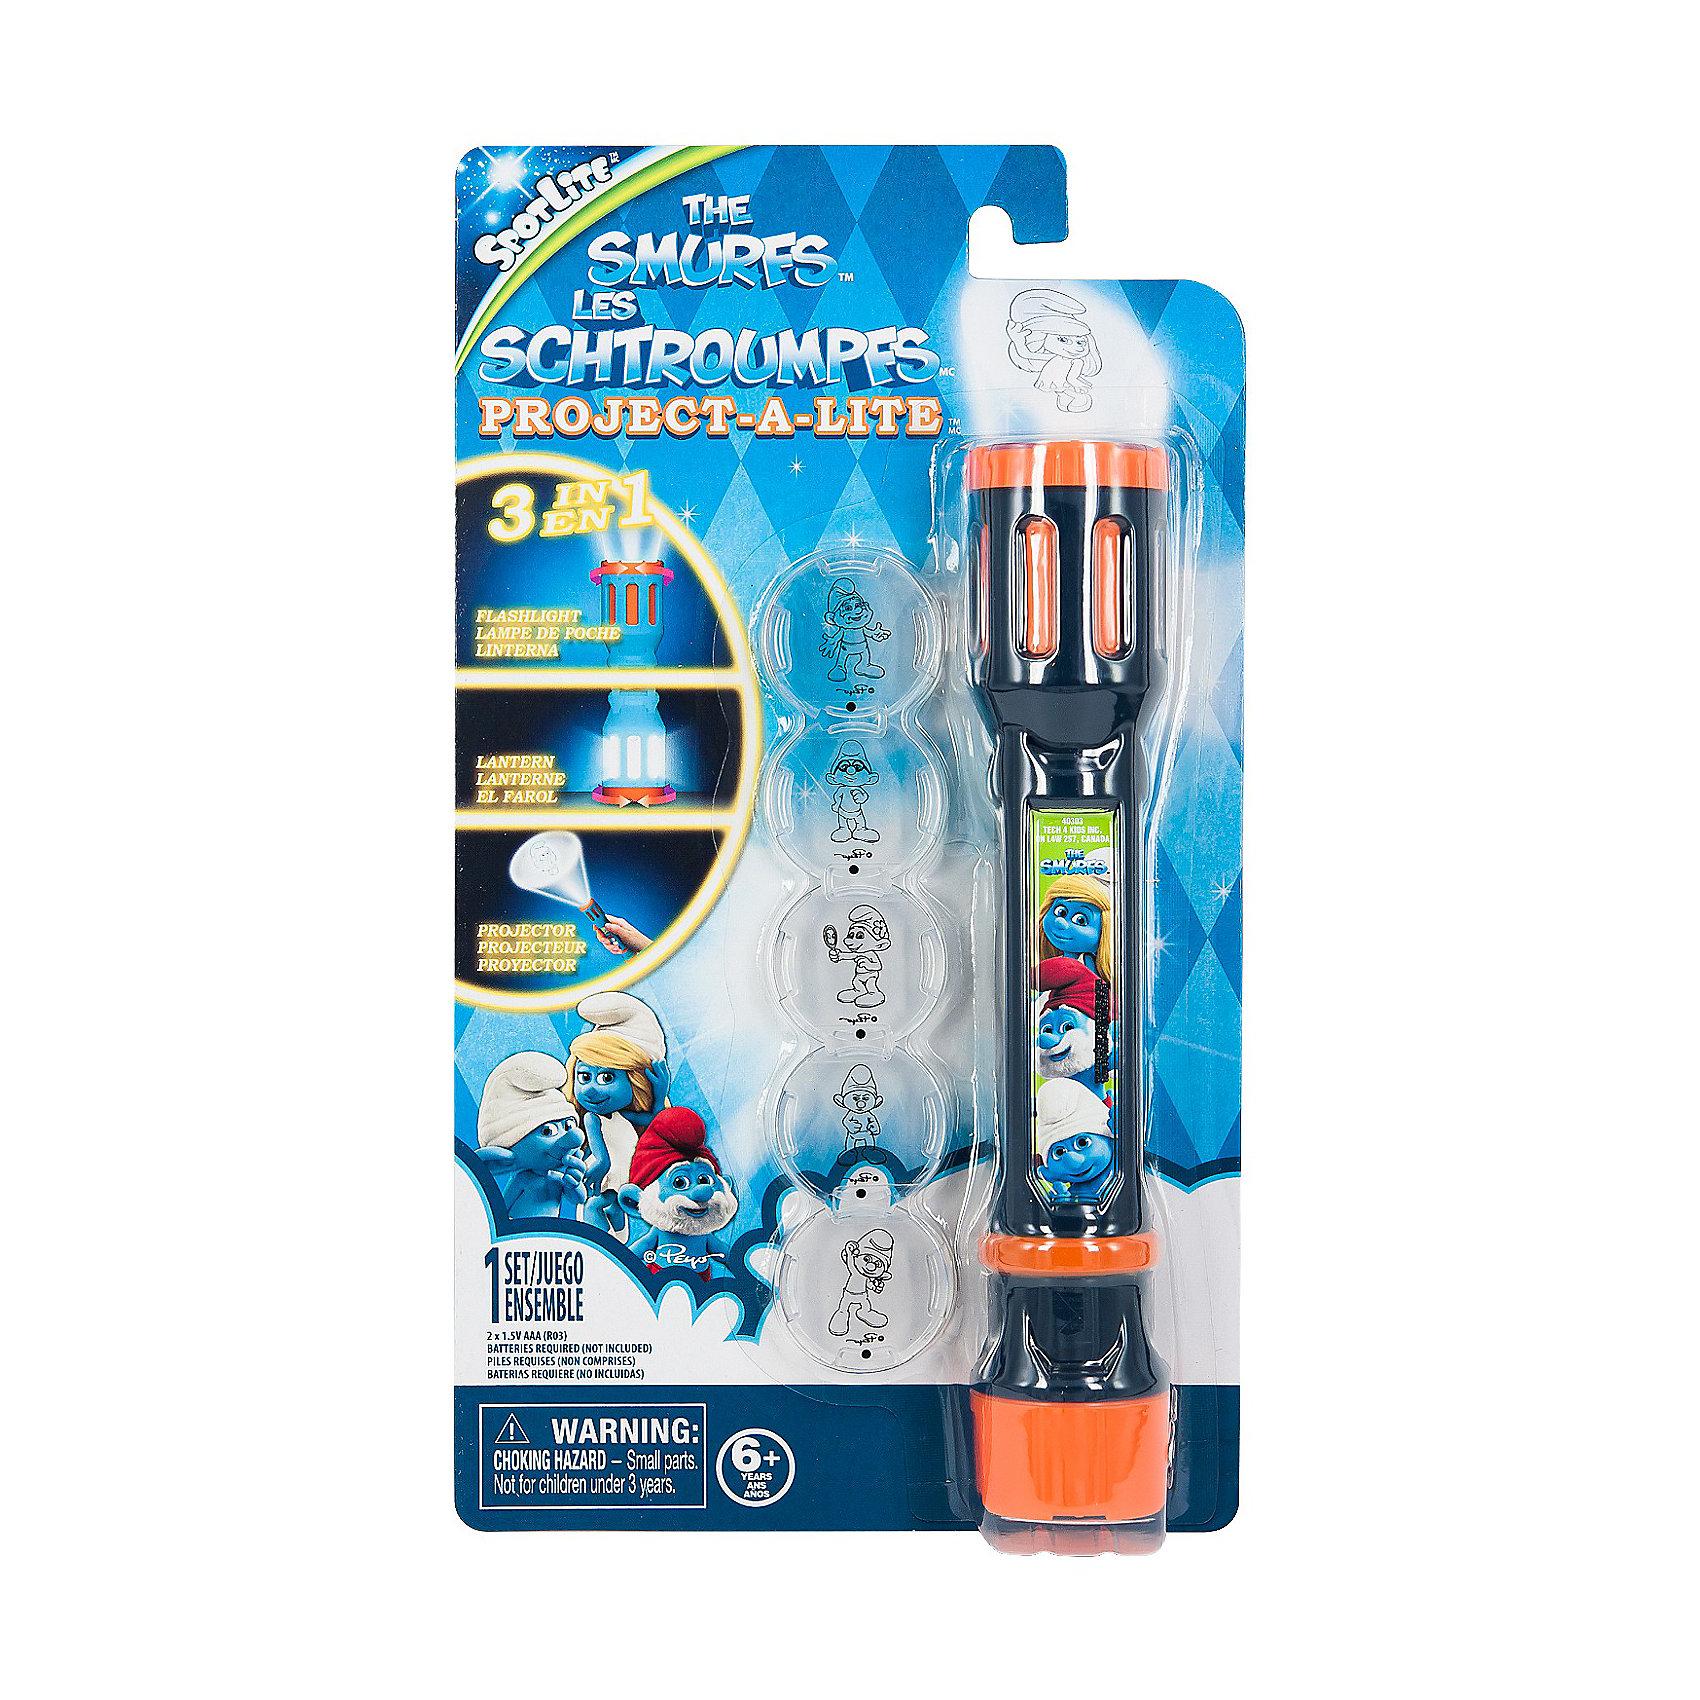 Детское время Фонарик-проектор 3 в 1, The Smurfs фонарик проектор transformers фонарик проектор